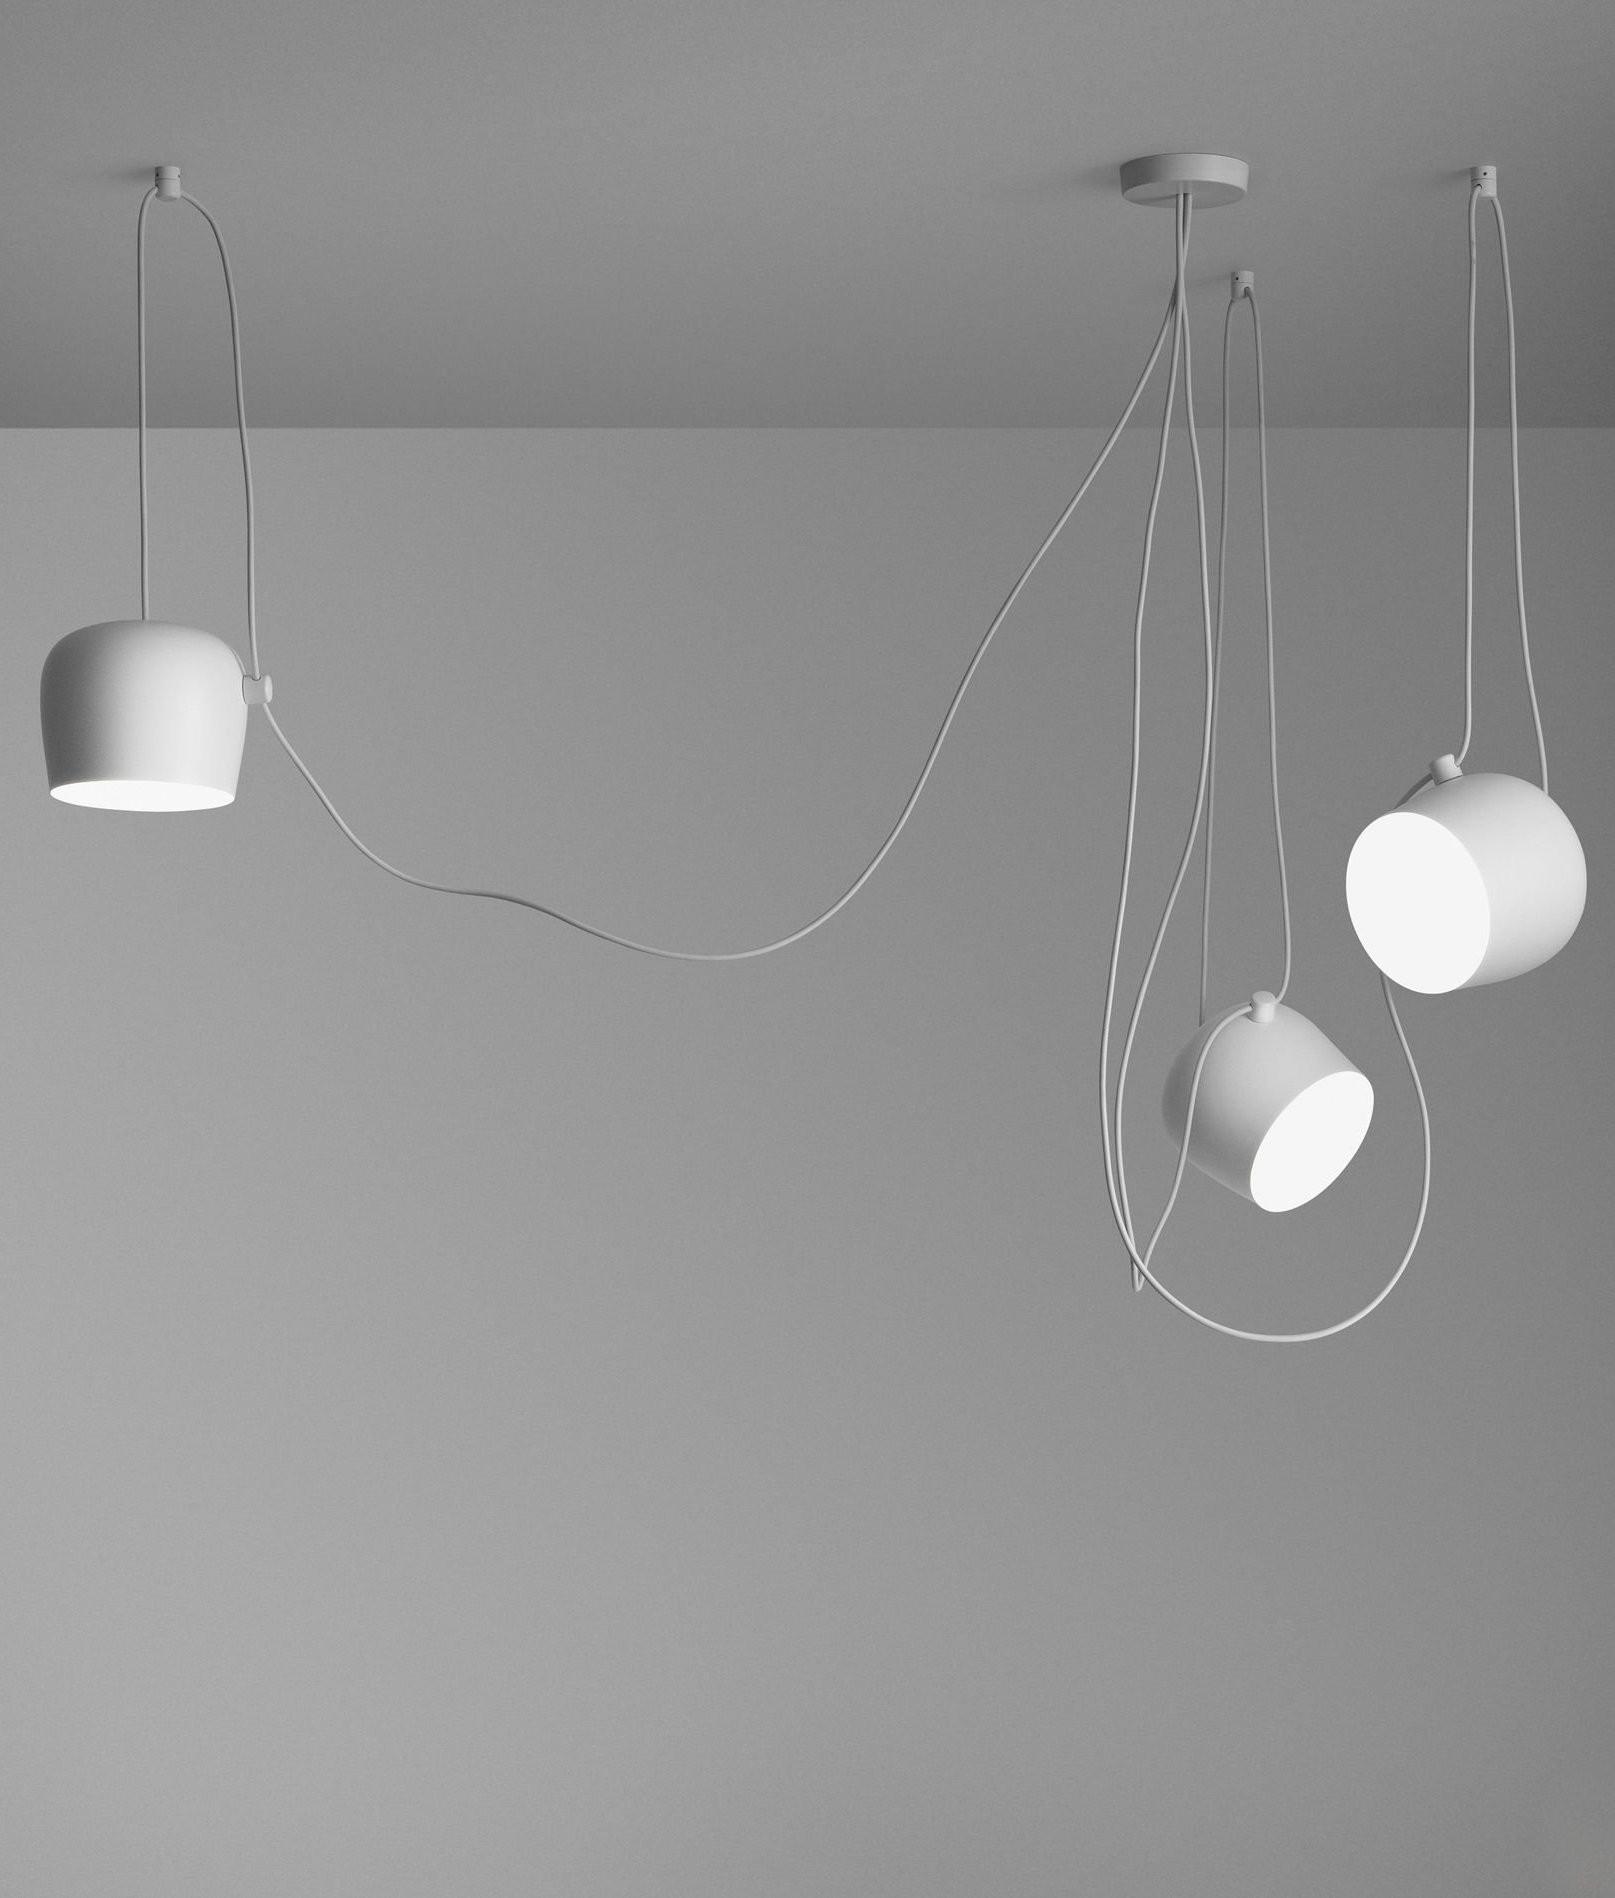 Aim small lampada a sospensione flos acquista online for Flos aim 3 luci prezzo